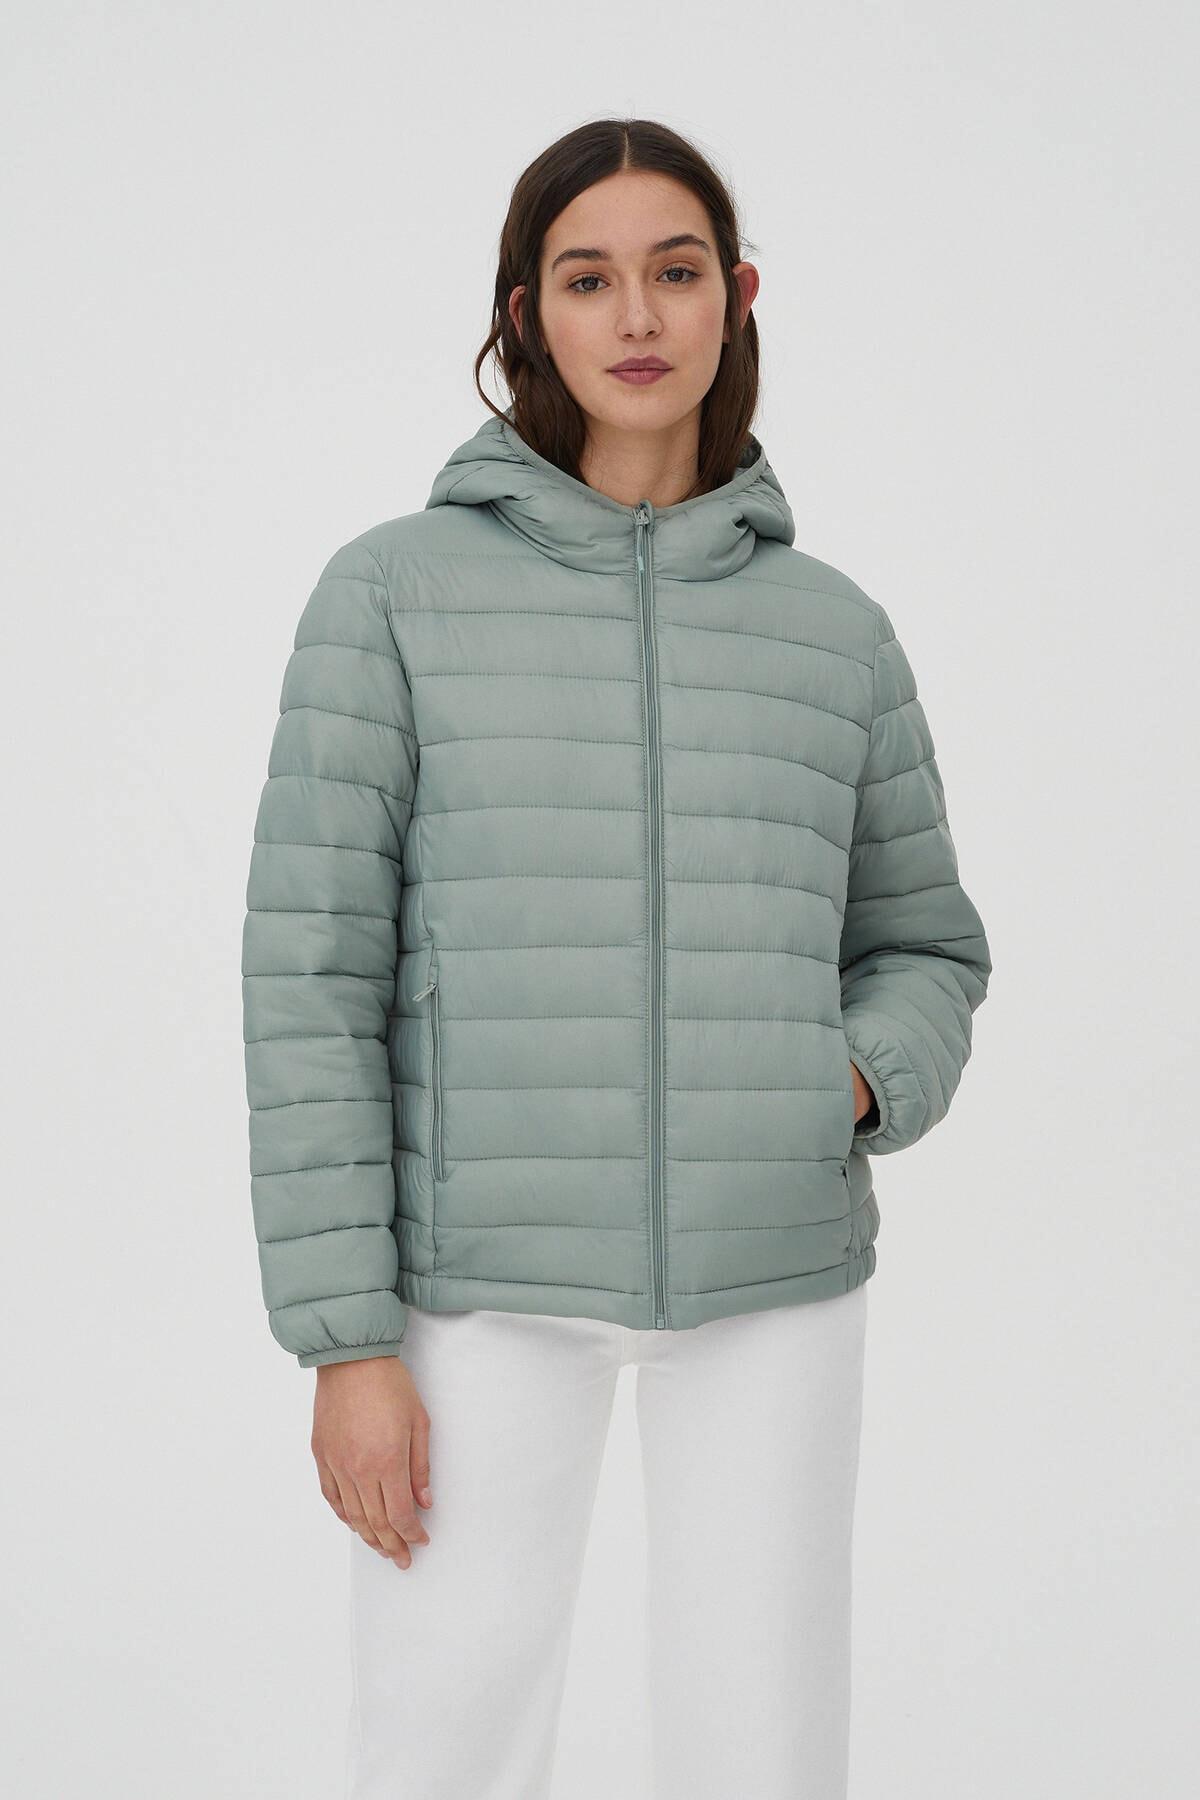 Pull & Bear Kadın Açık Yeşil Basic Şişme Mont 09714333